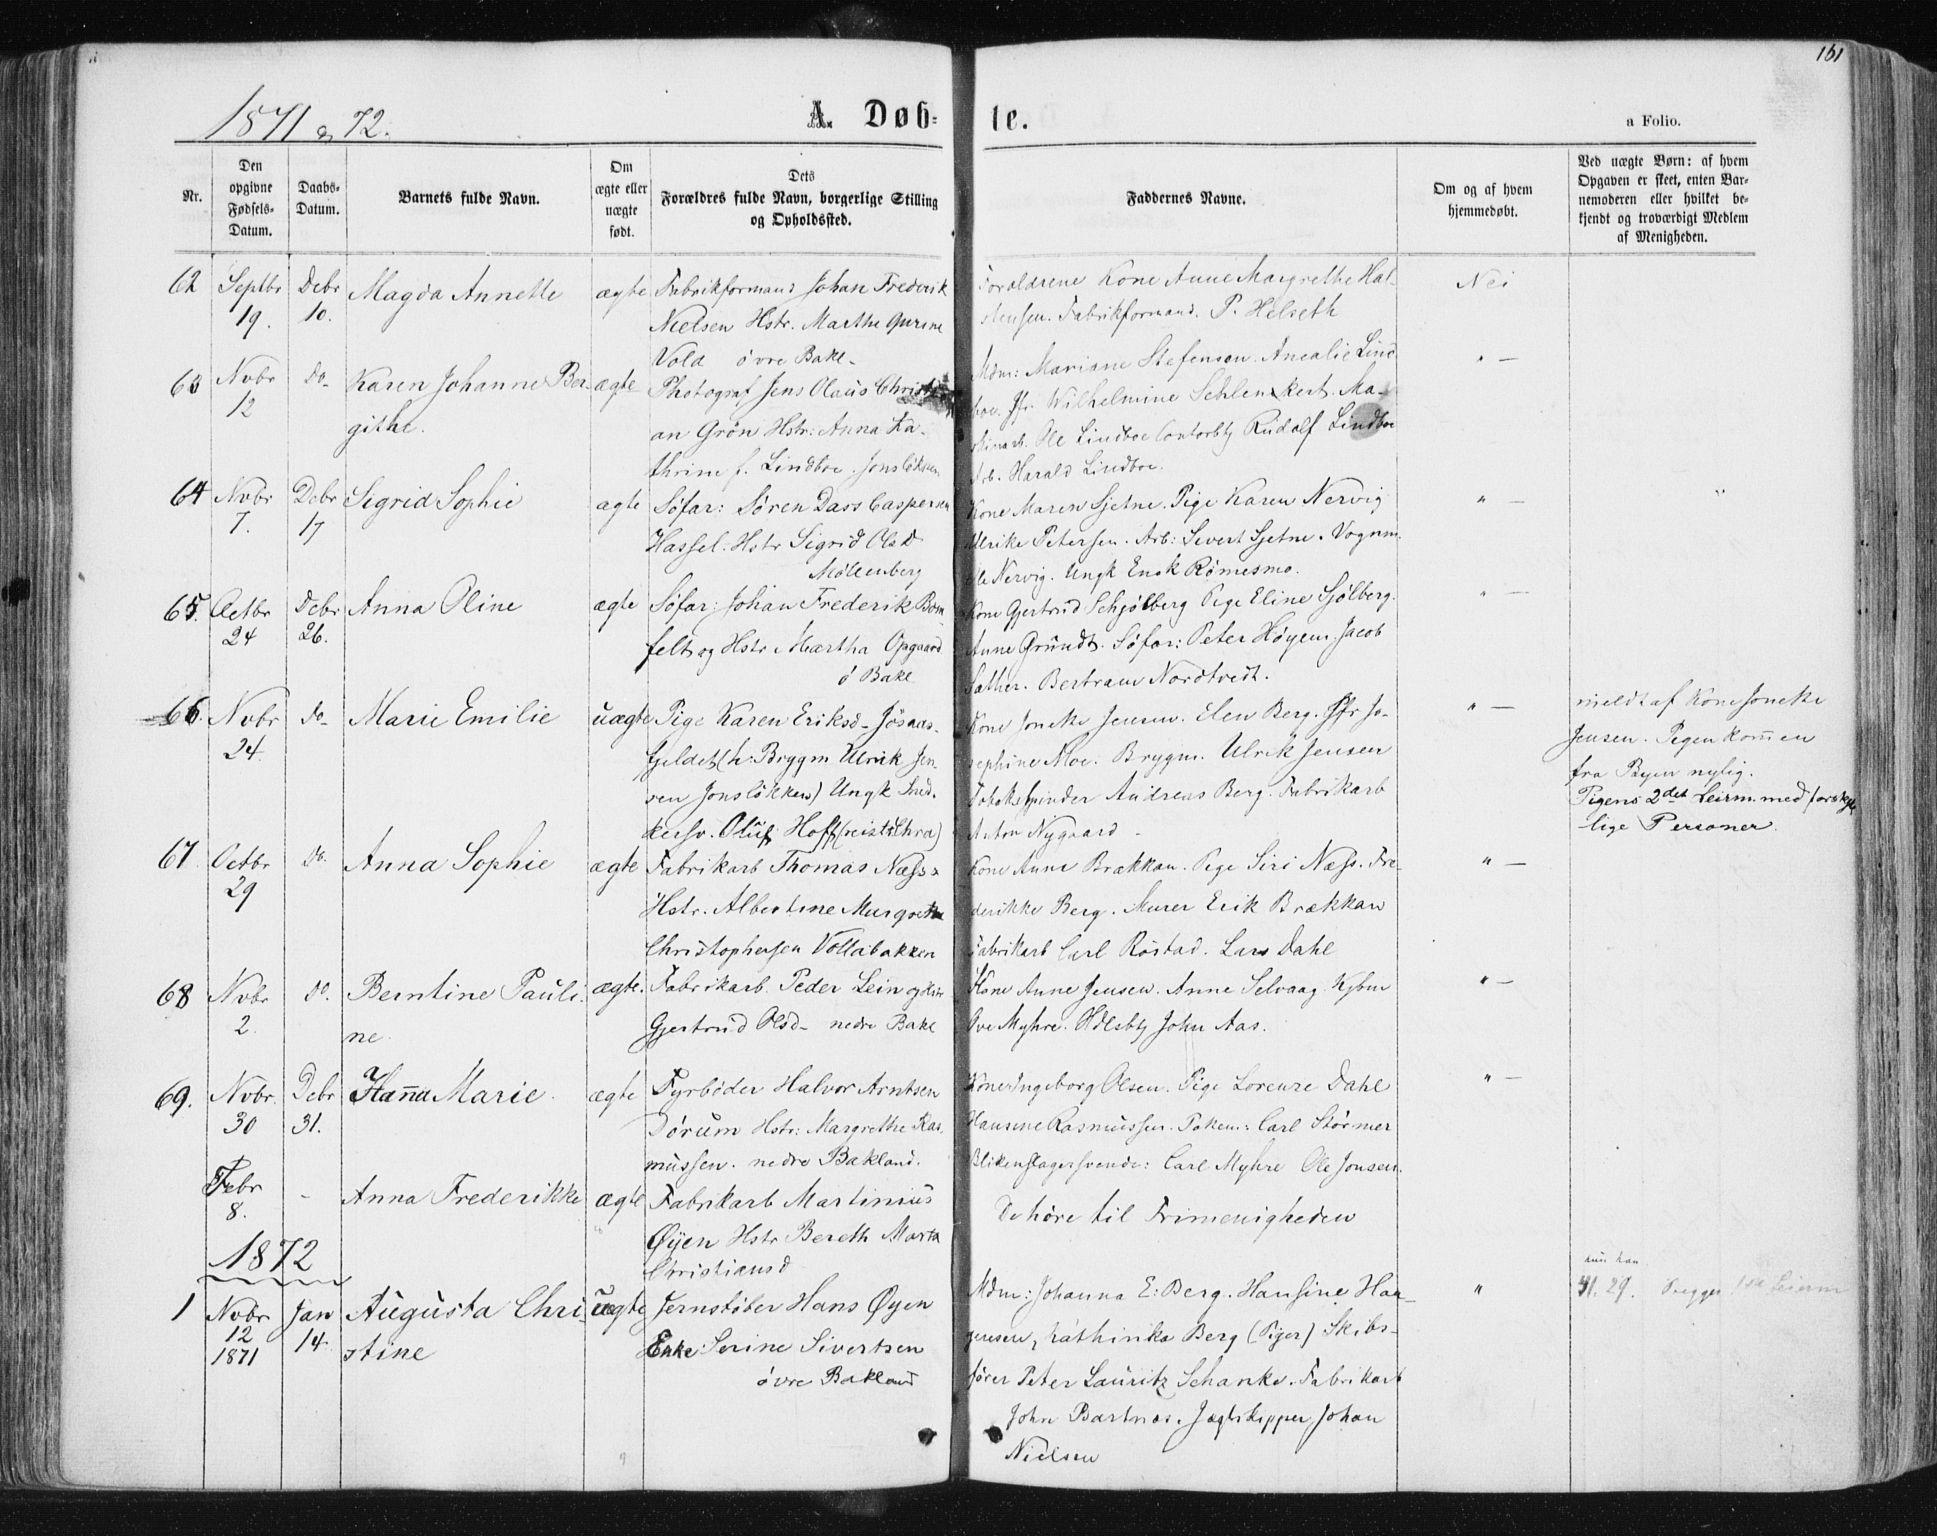 SAT, Ministerialprotokoller, klokkerbøker og fødselsregistre - Sør-Trøndelag, 604/L0186: Ministerialbok nr. 604A07, 1866-1877, s. 161